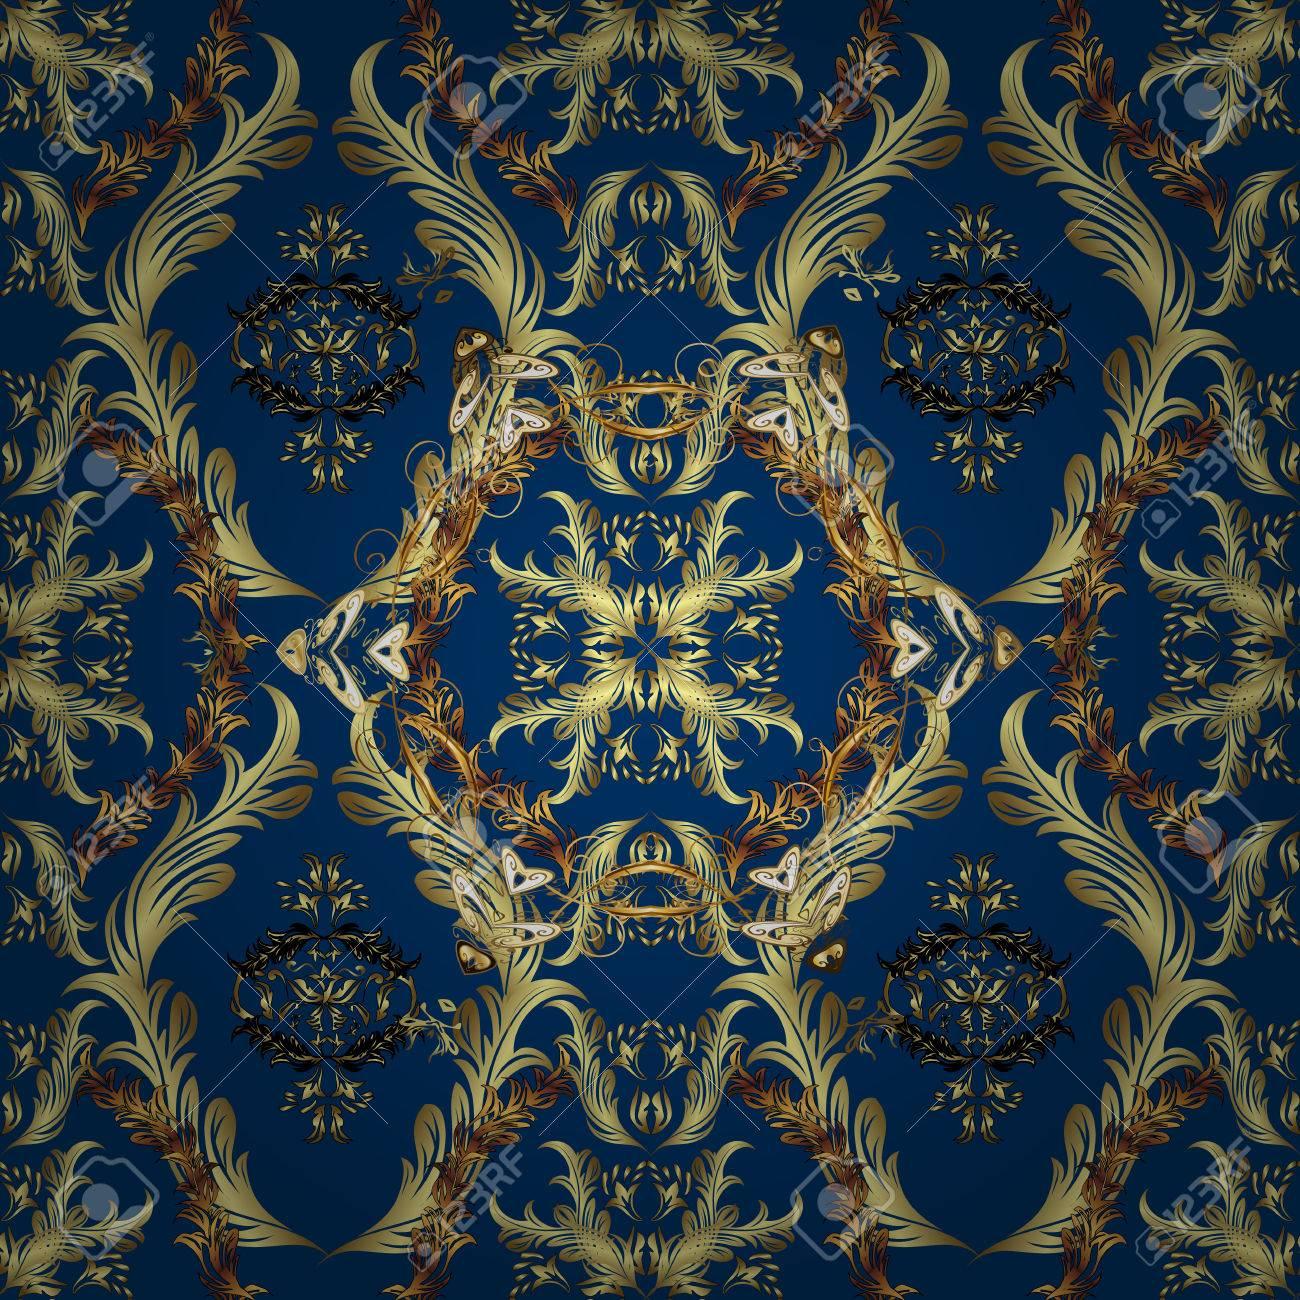 Papier Peint Bleu Et Or.Papier Peint Ornemental Sans Soudure De Luxe Or Sur Bleu Fonce